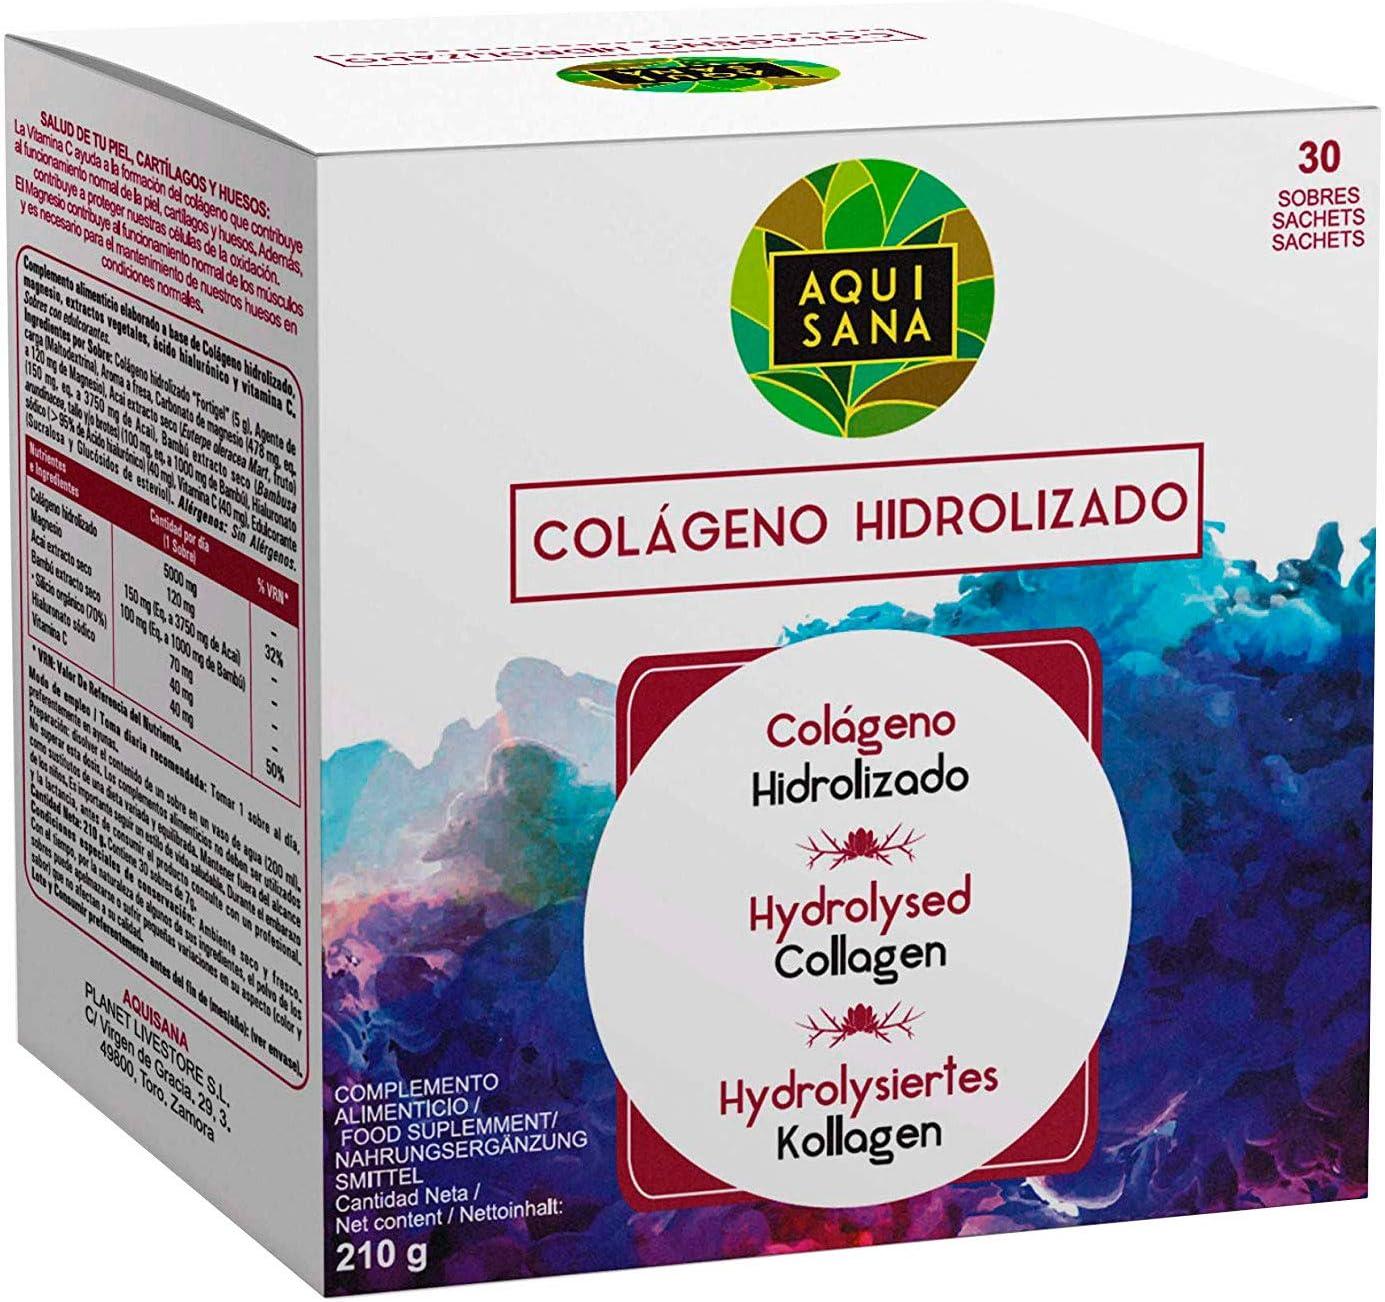 Colágeno con Magnesio | Colágeno Hidrolizado con Ácido Hialurónico y Vitamina C | Para Una Piel Radiante y Un Buen Mantenimiento las Articulaciones - 30 sobres - Aquisana: Amazon.es: Salud y cuidado personal